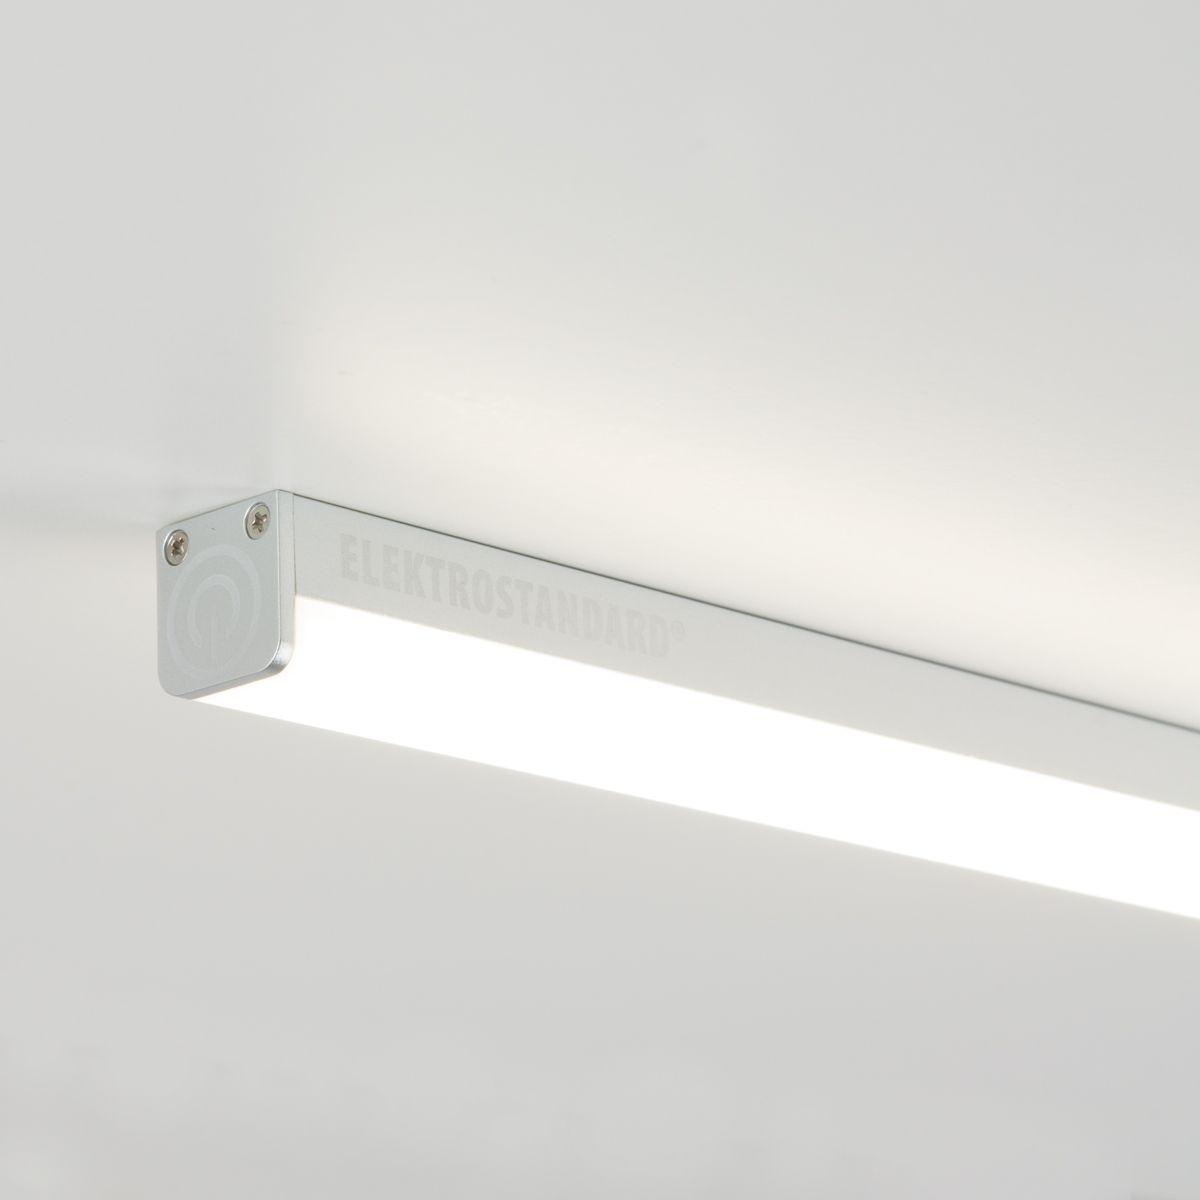 Светодиодный светильник с сенсорным выключателем Led Stick 7W 4200K 30sm LST01 7W